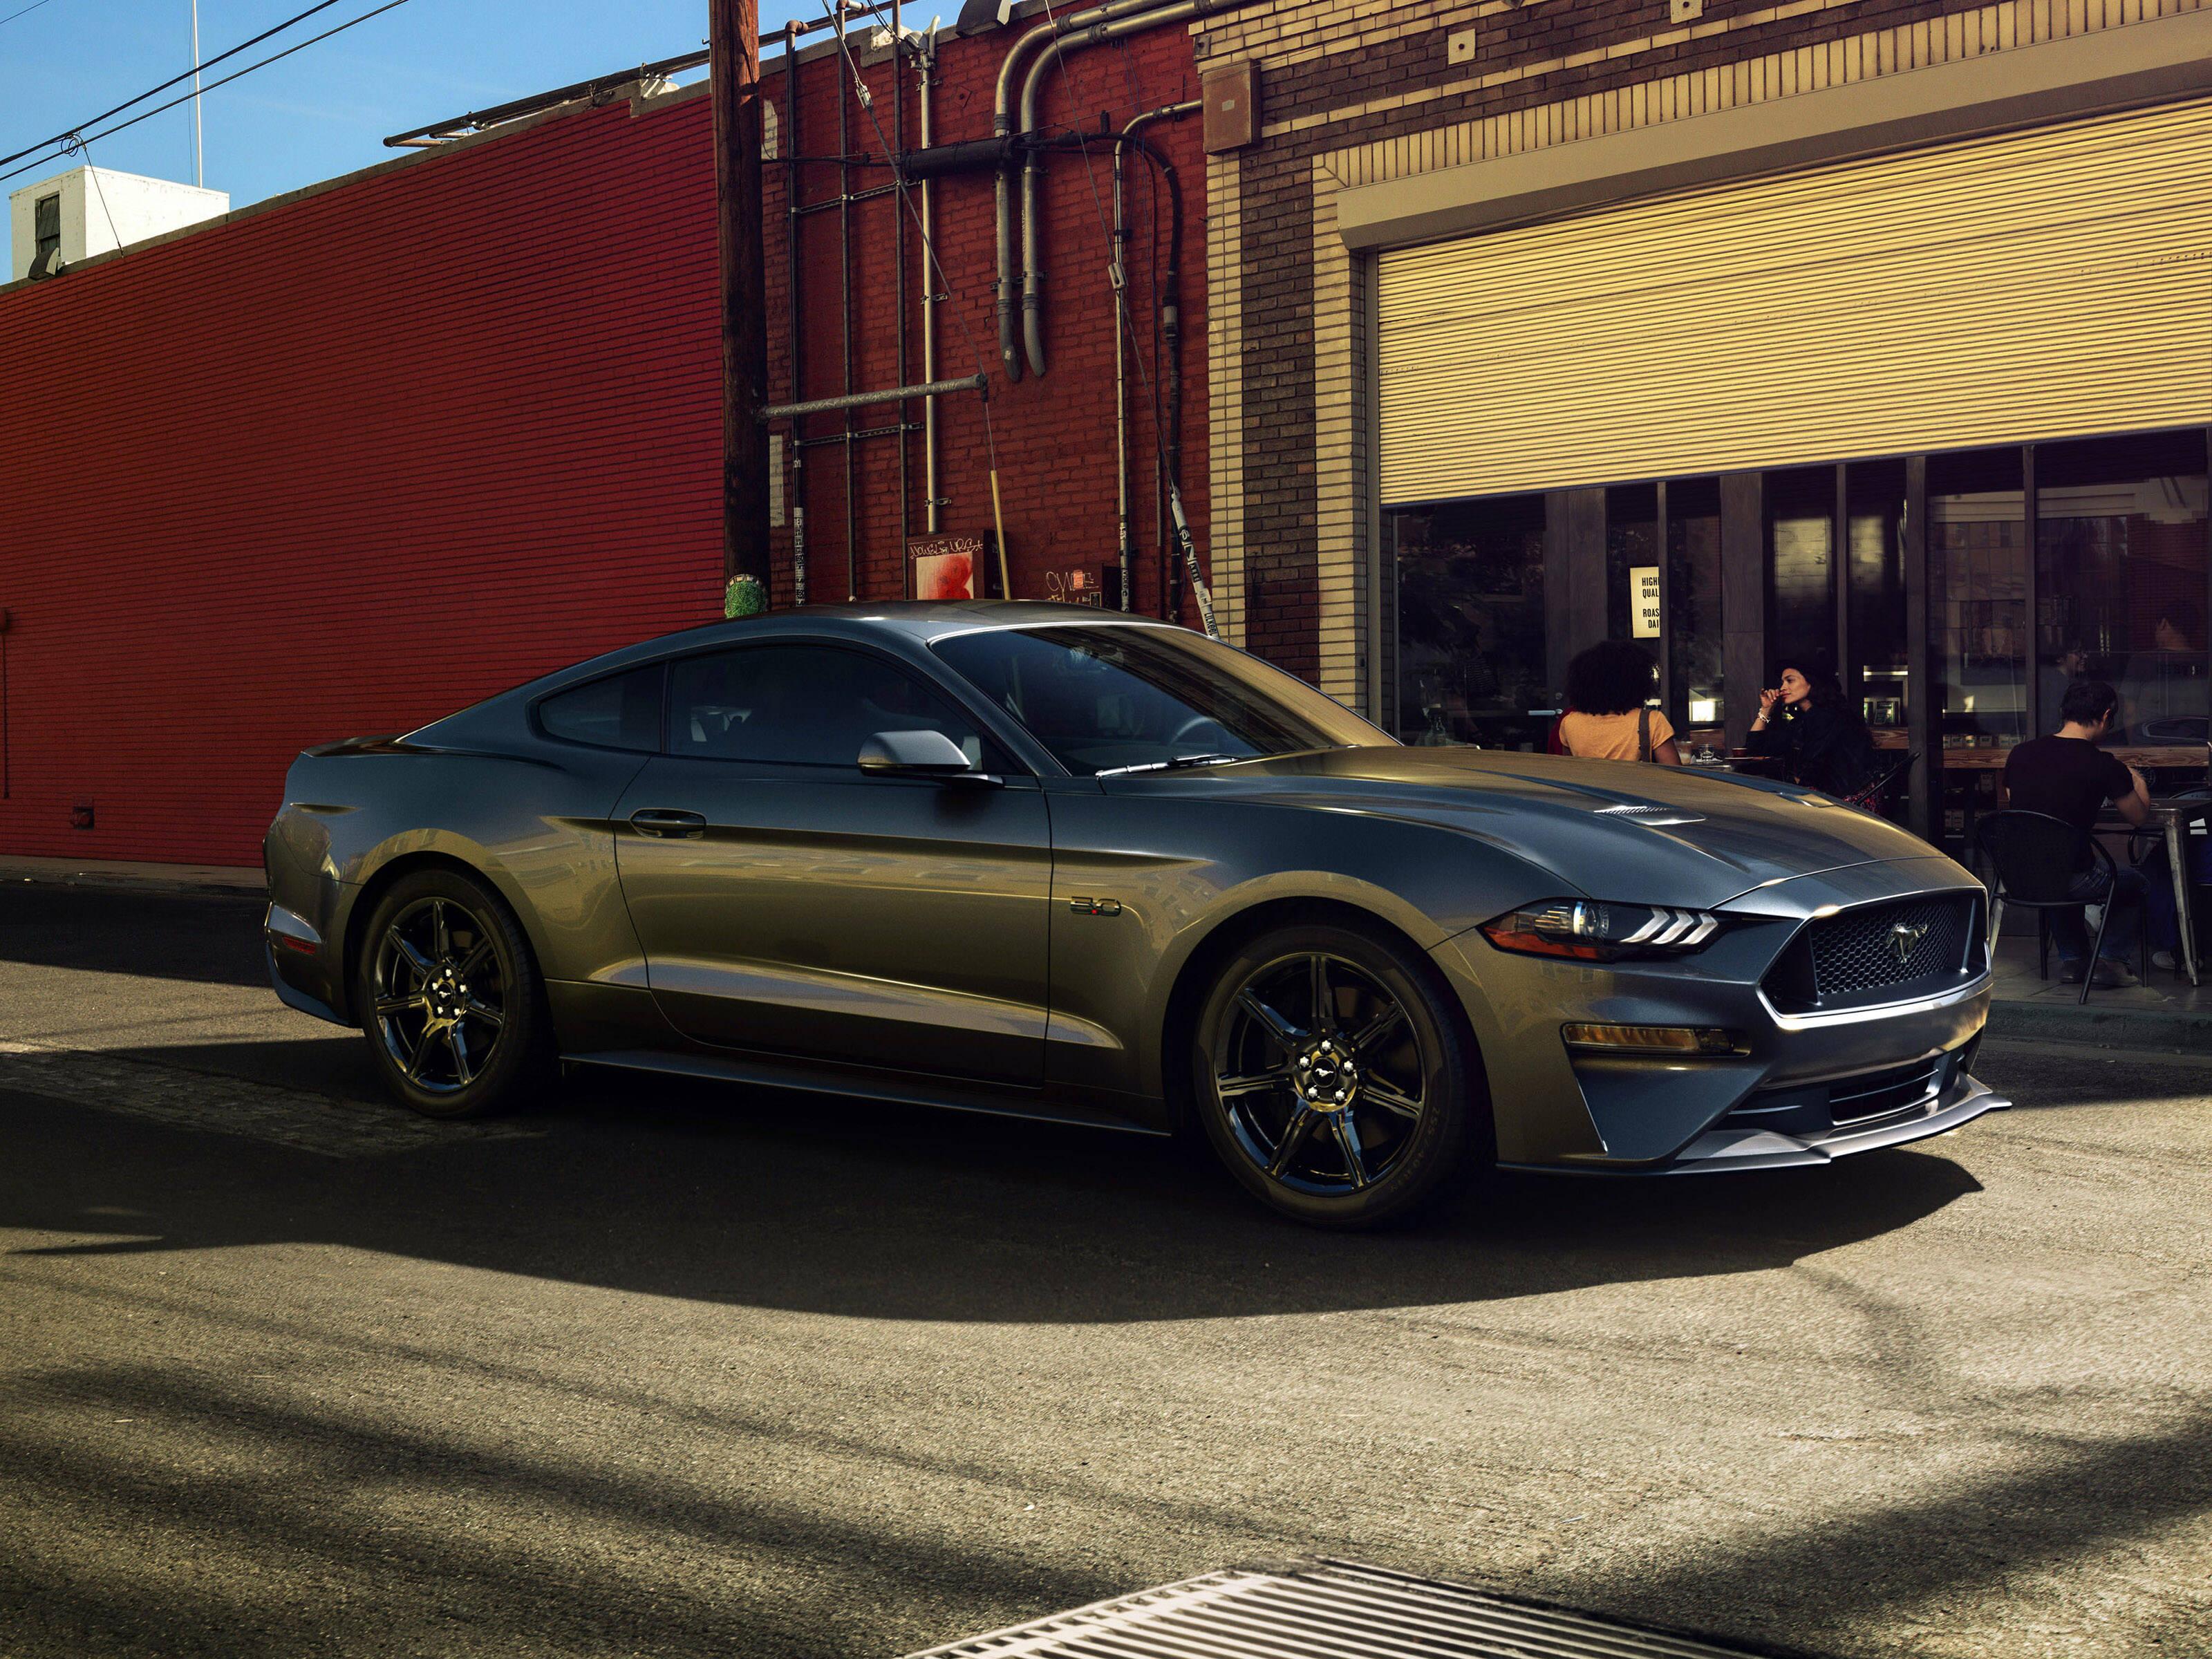 Ford Mustang GT. Foto: Divulgação